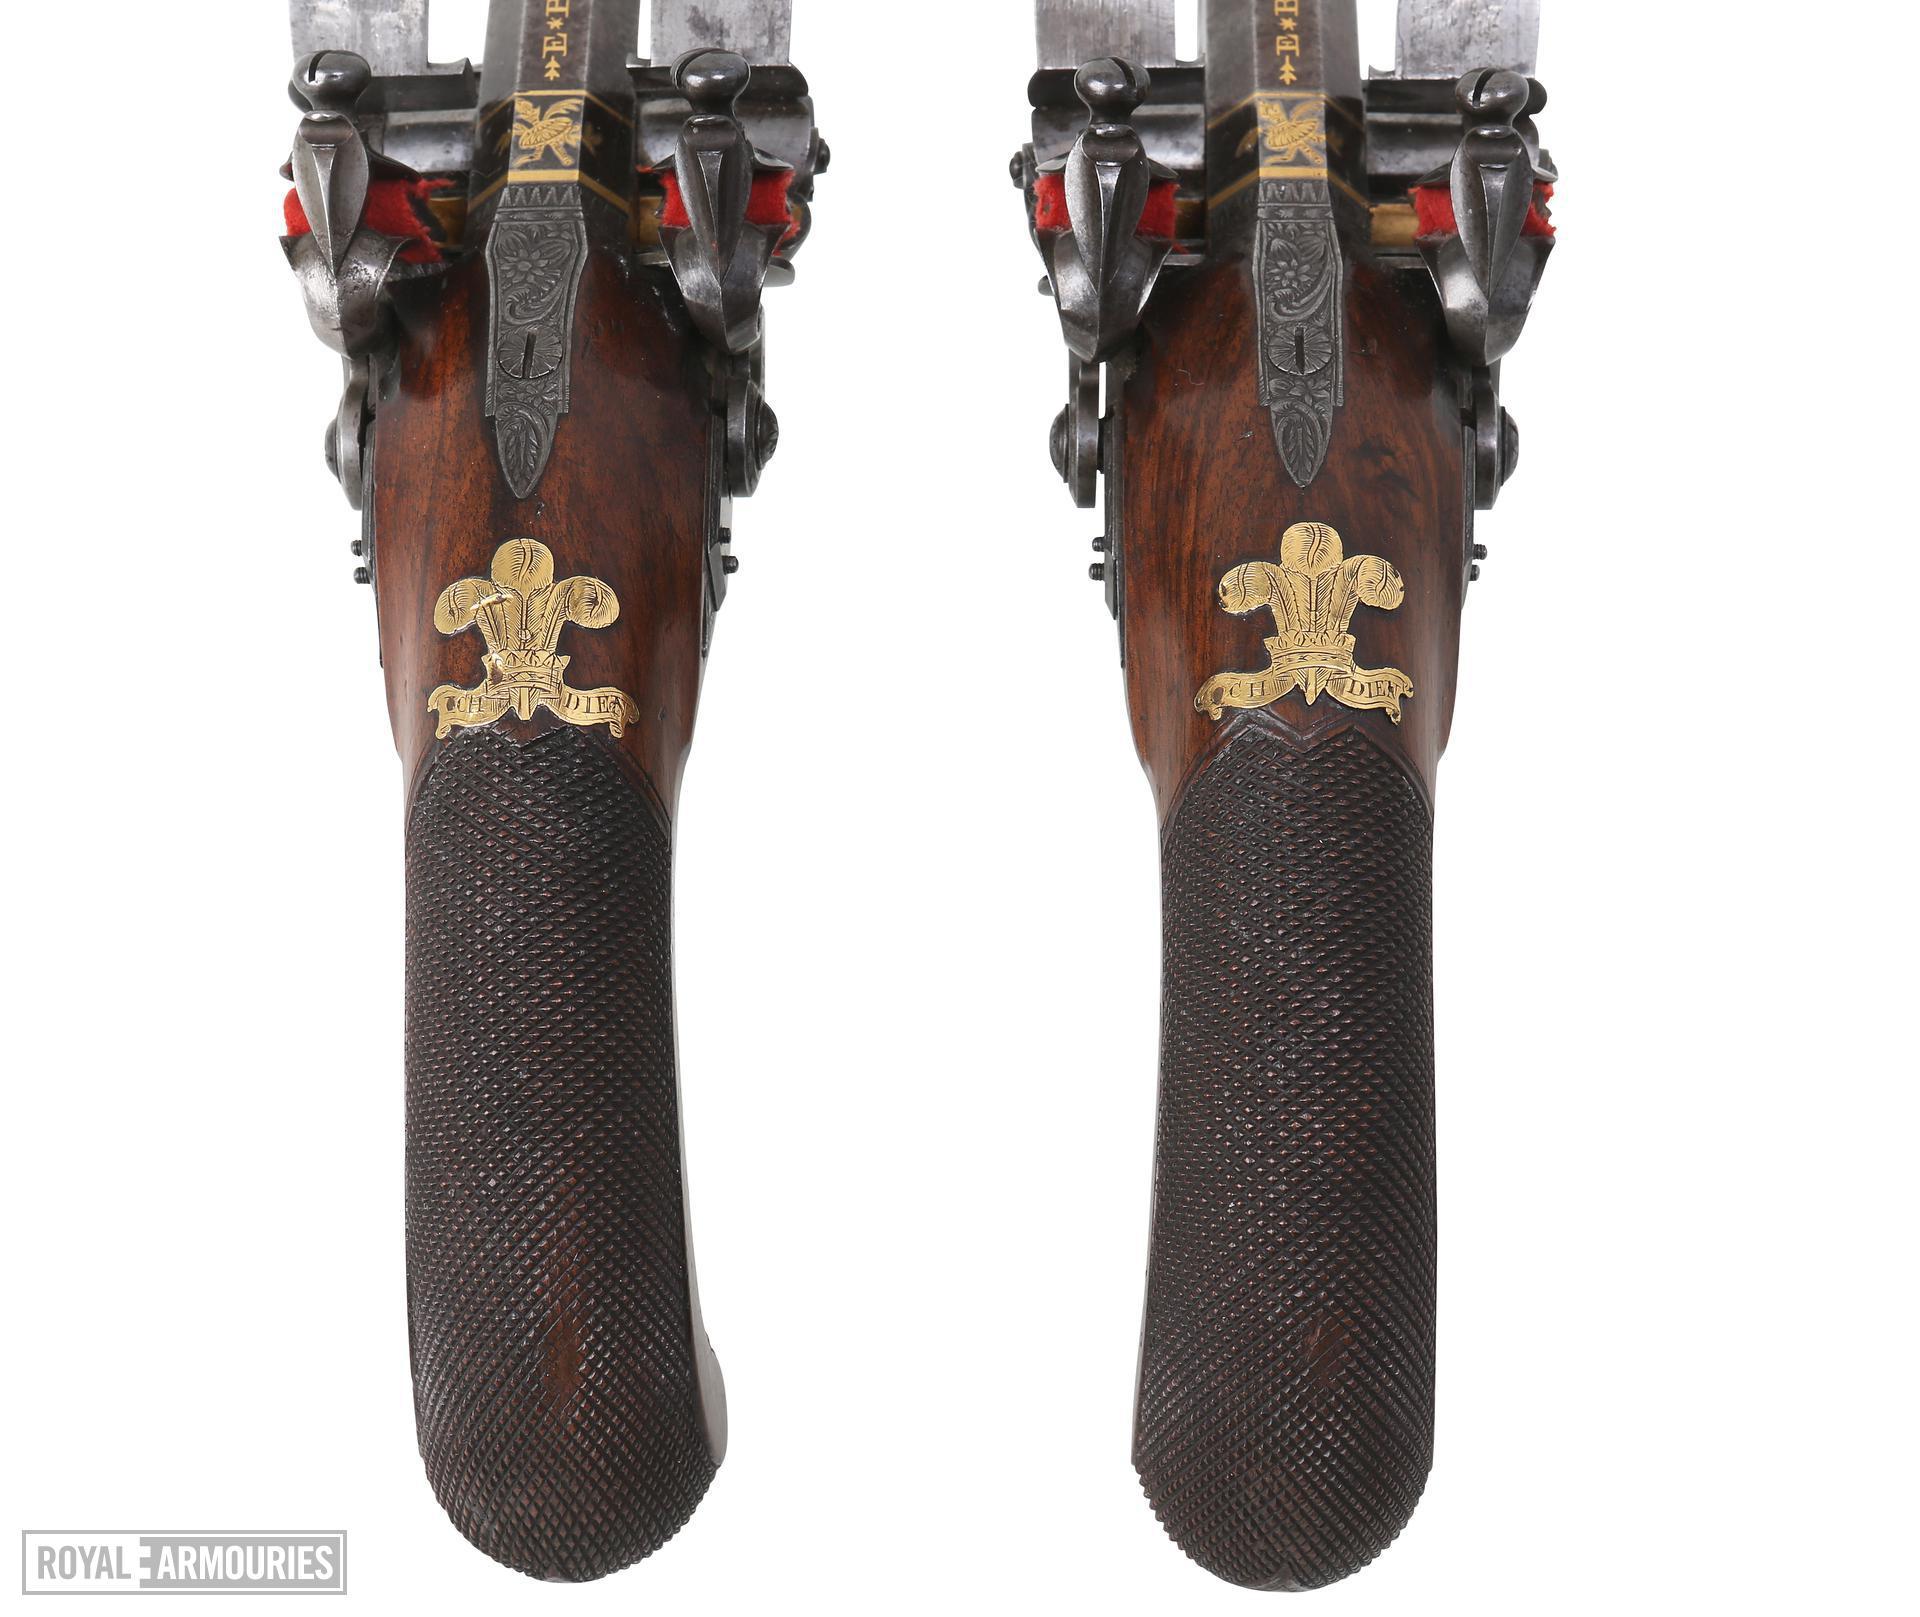 Flintlock muzzle-loading double-barrelled pistols by Ezekiel Baker. Made for the Prince Regen. XII.5694 & XII.5695